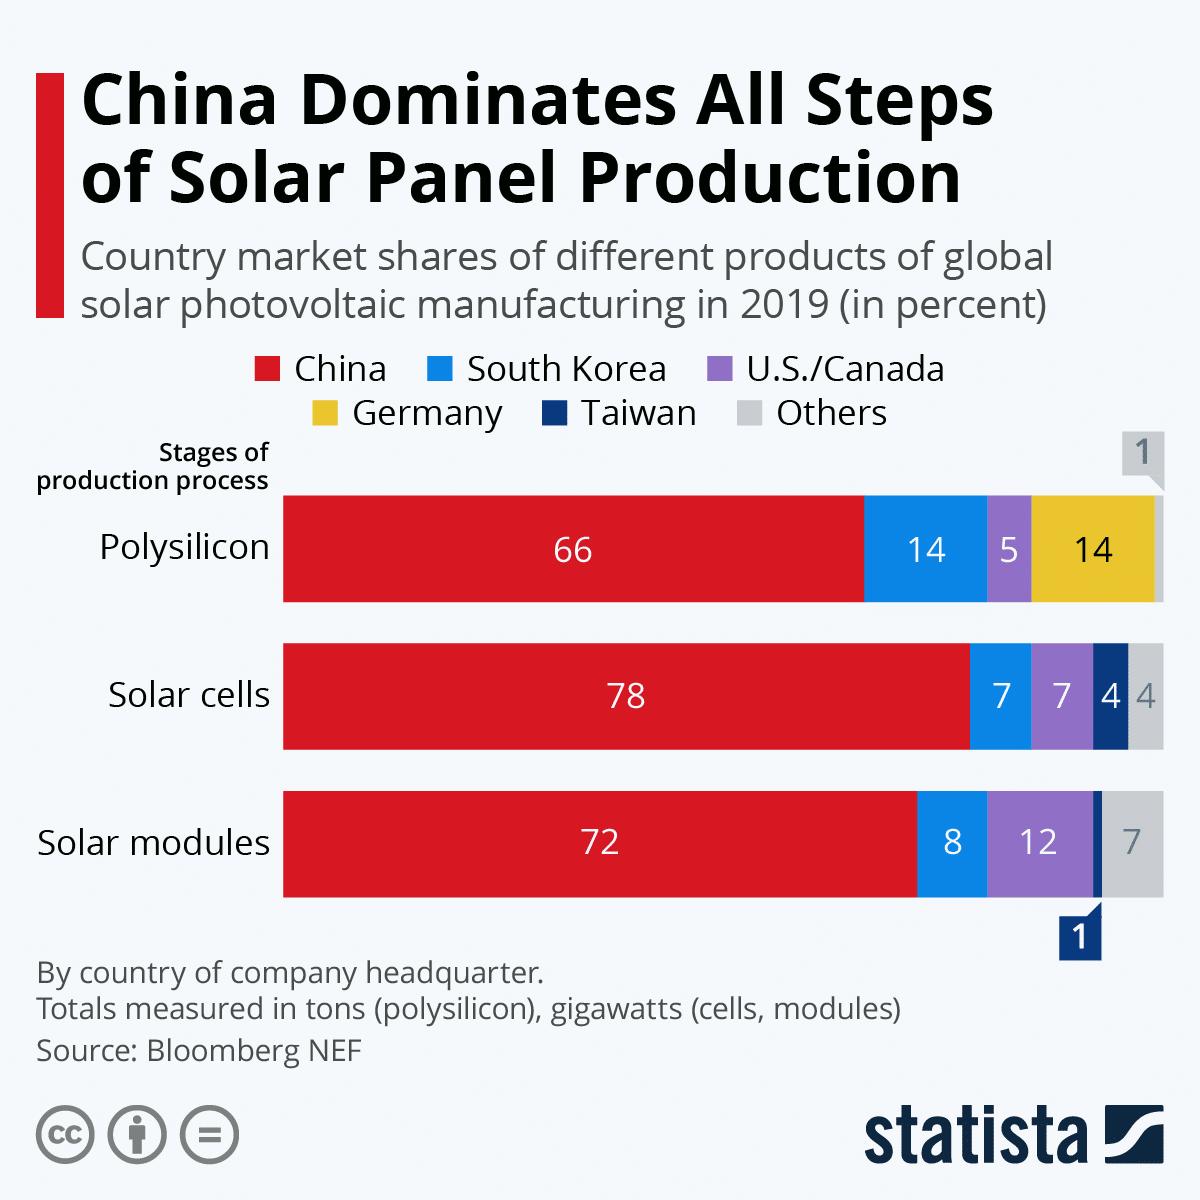 La Chine domine toutes les étapes de la production de panneaux solaires